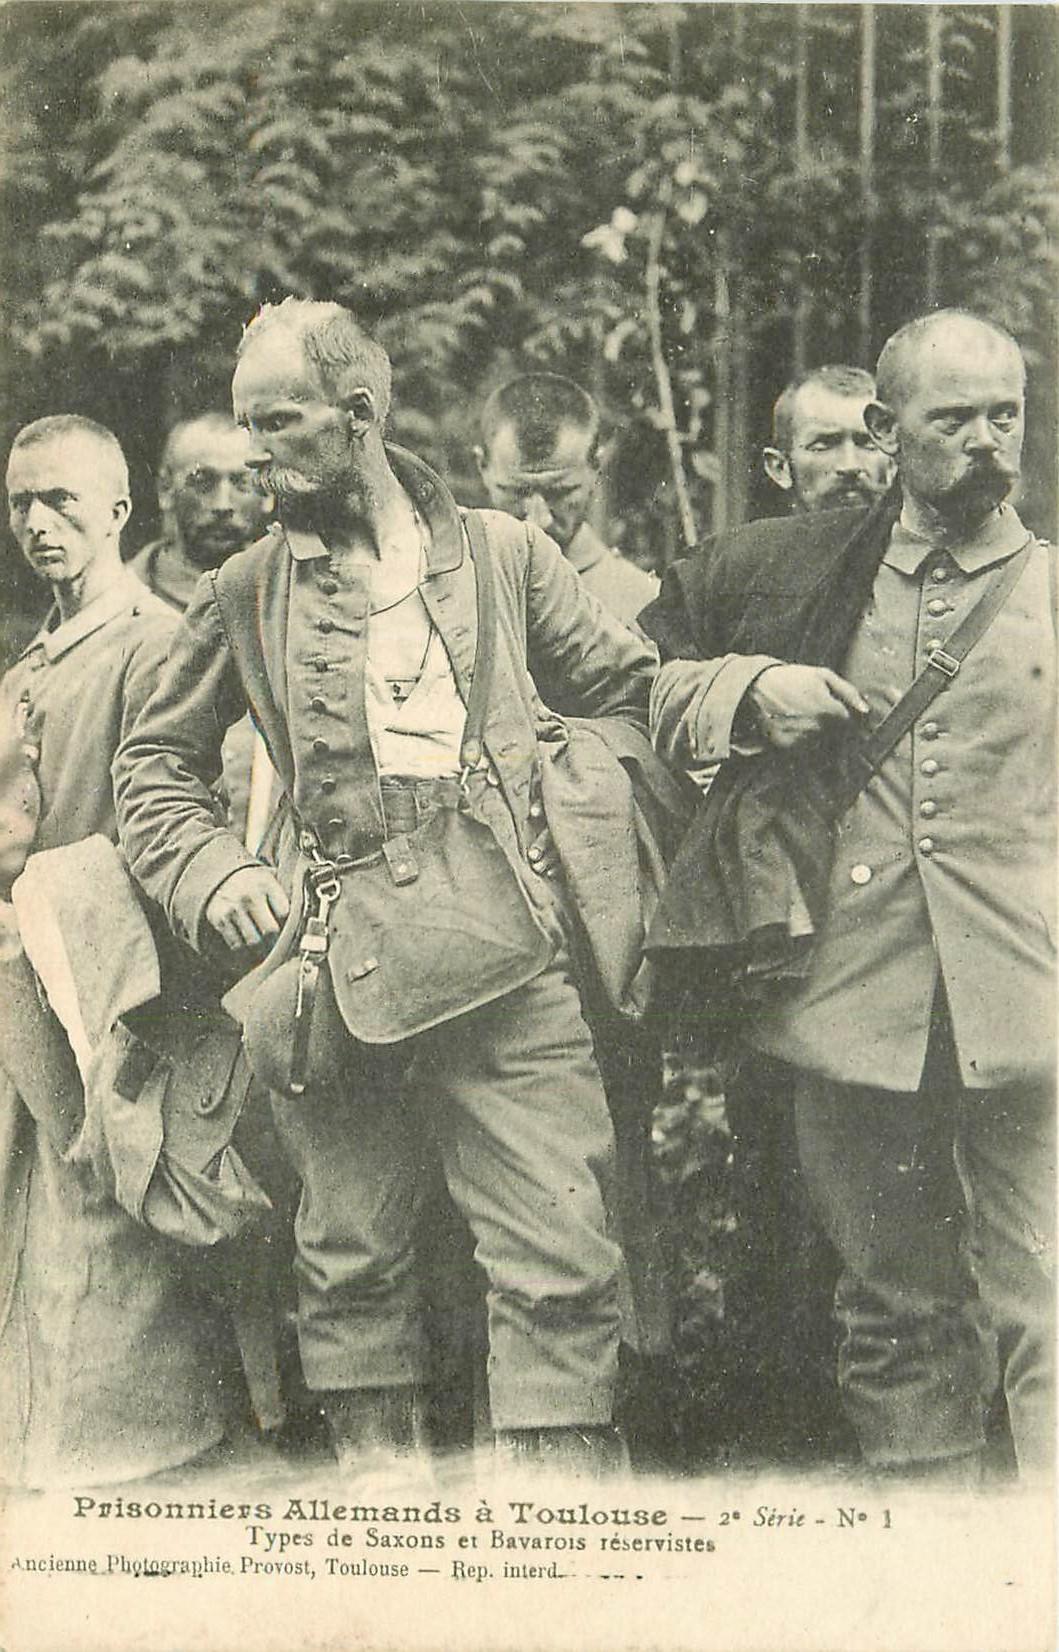 31 TOULOUSE. Prisonniers Allemands types Saxons et Bavarois réservistes